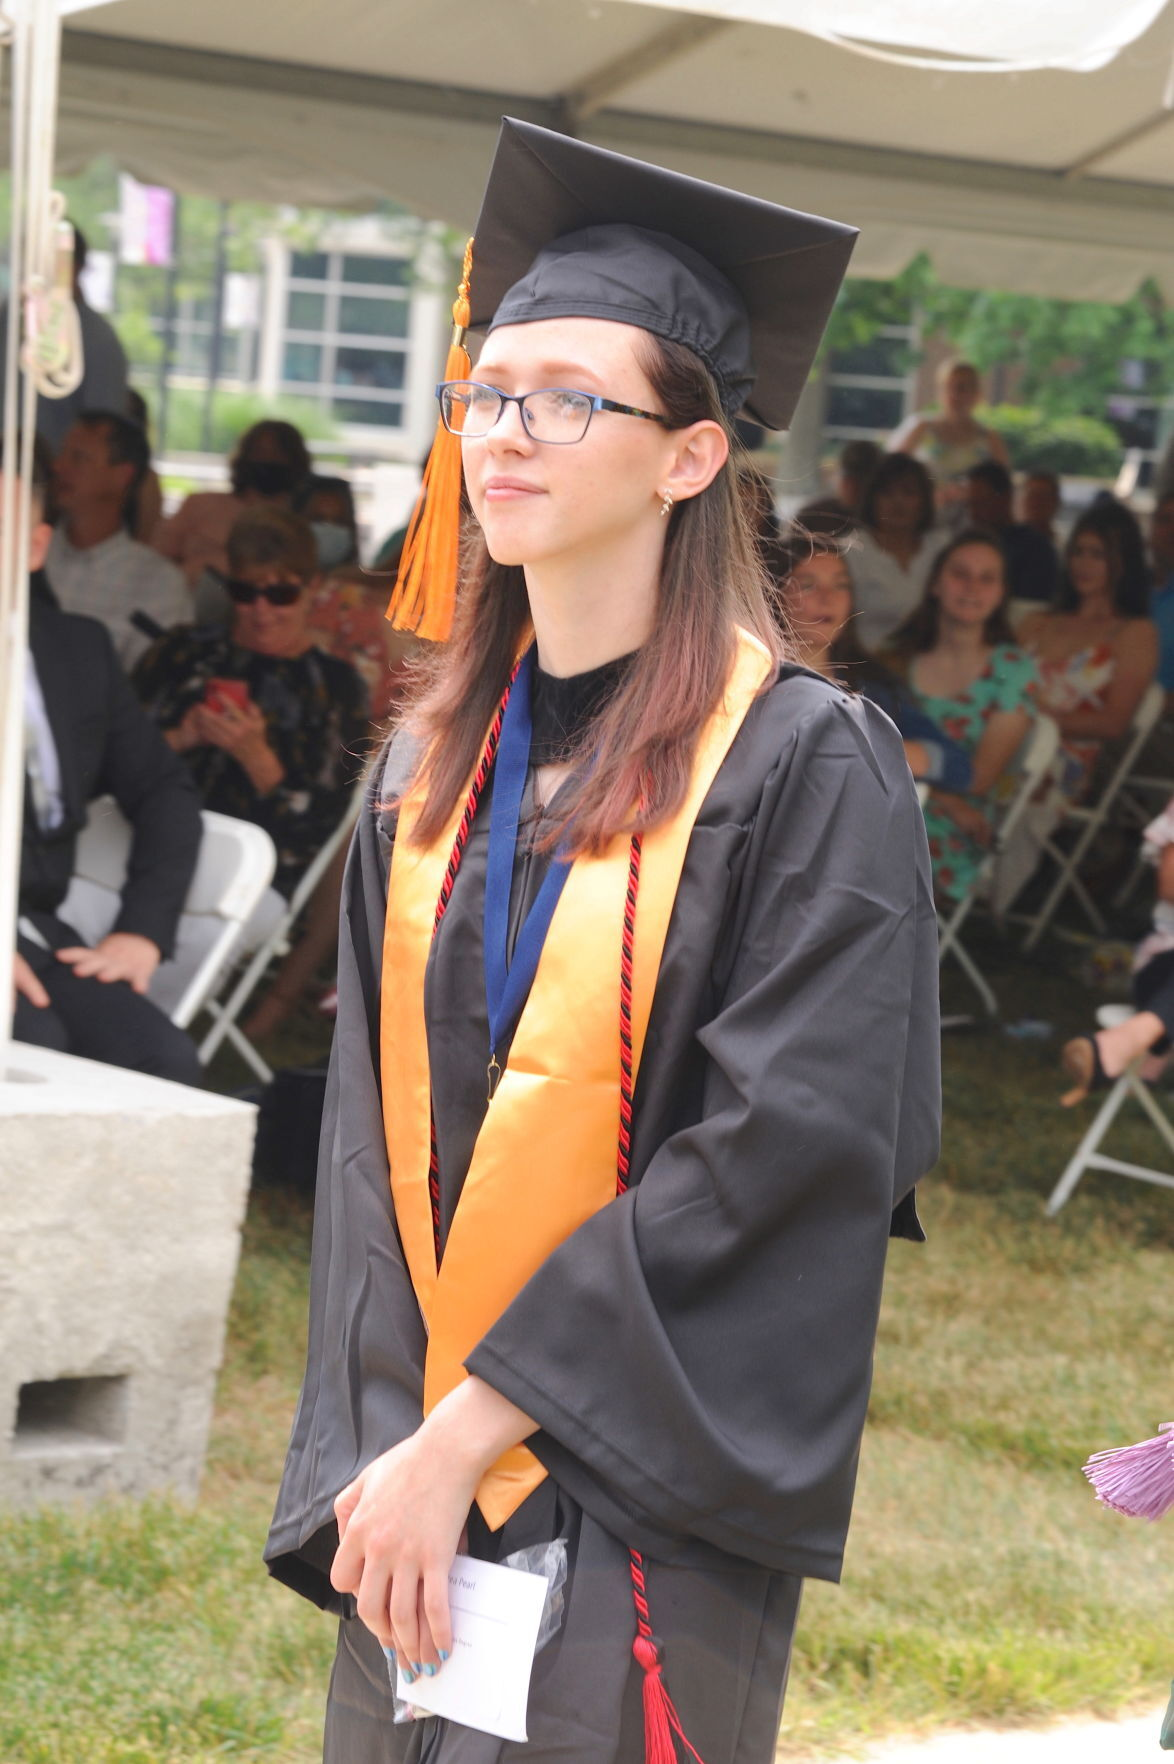 Chesapeake College graduates honored in outdoor ceremonies